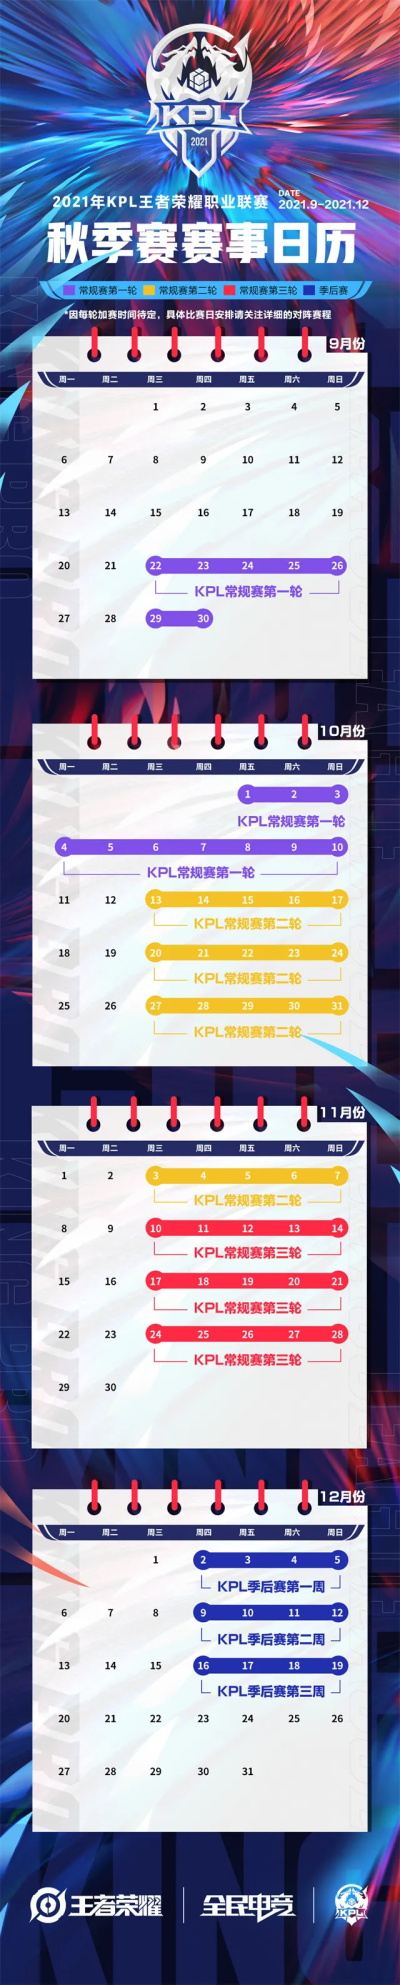 2021王者荣耀KPL秋季赛赛程赛制一览